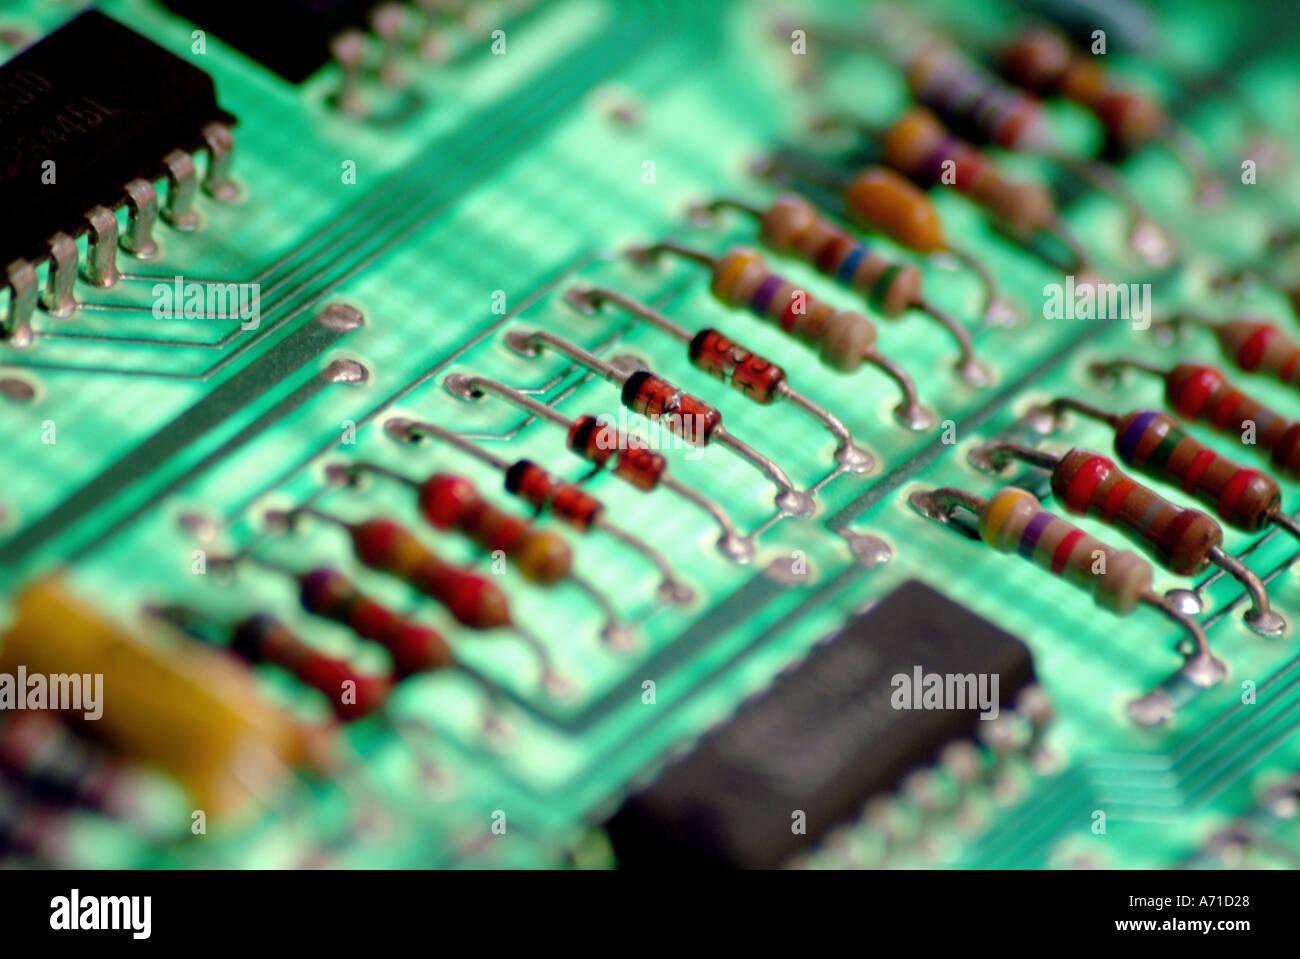 Dettaglio del computer la scheda a circuito stampato Immagini Stock